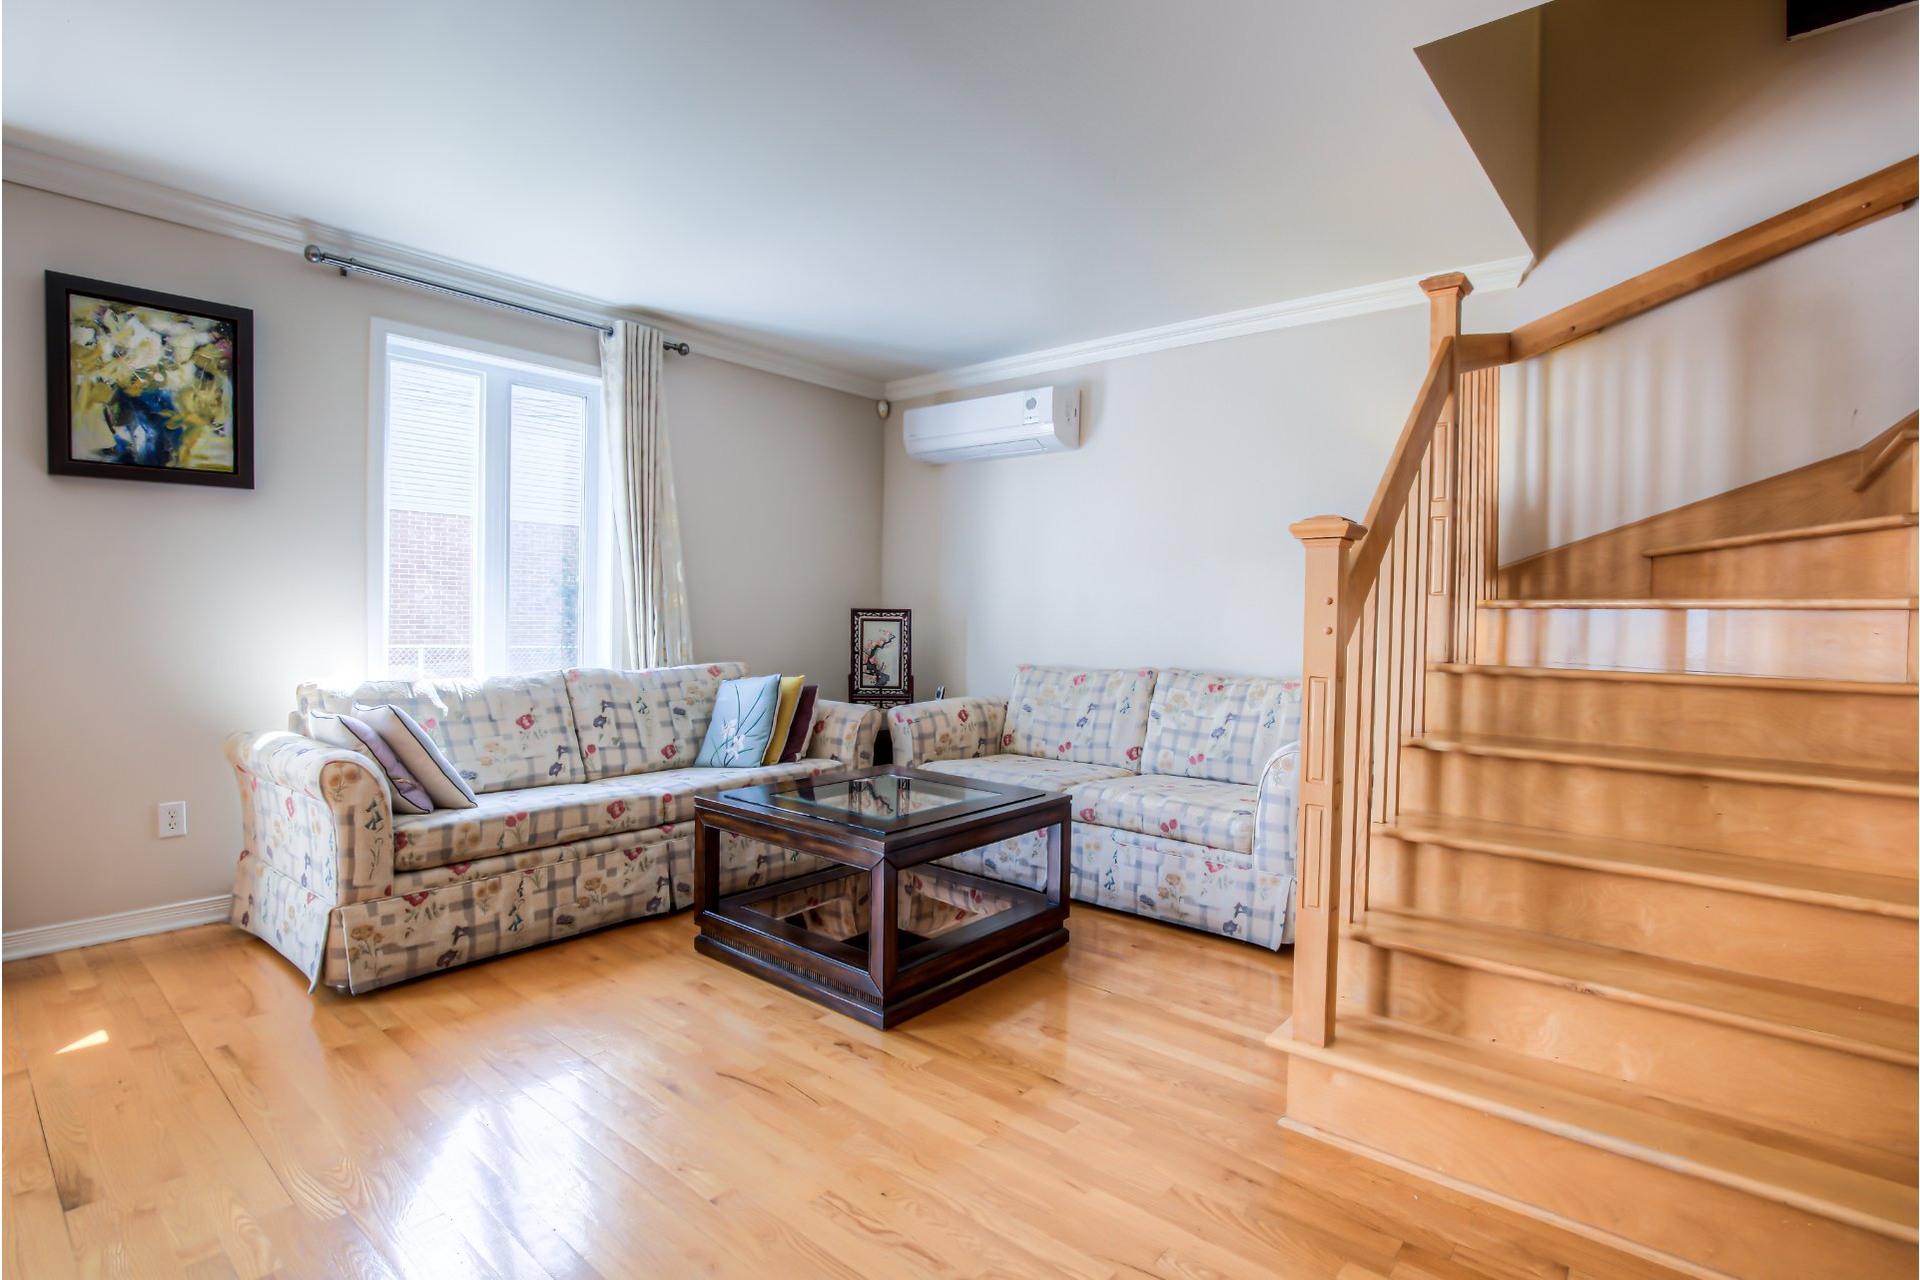 image 2 - Maison À vendre Pierrefonds-Roxboro Montréal  - 8 pièces